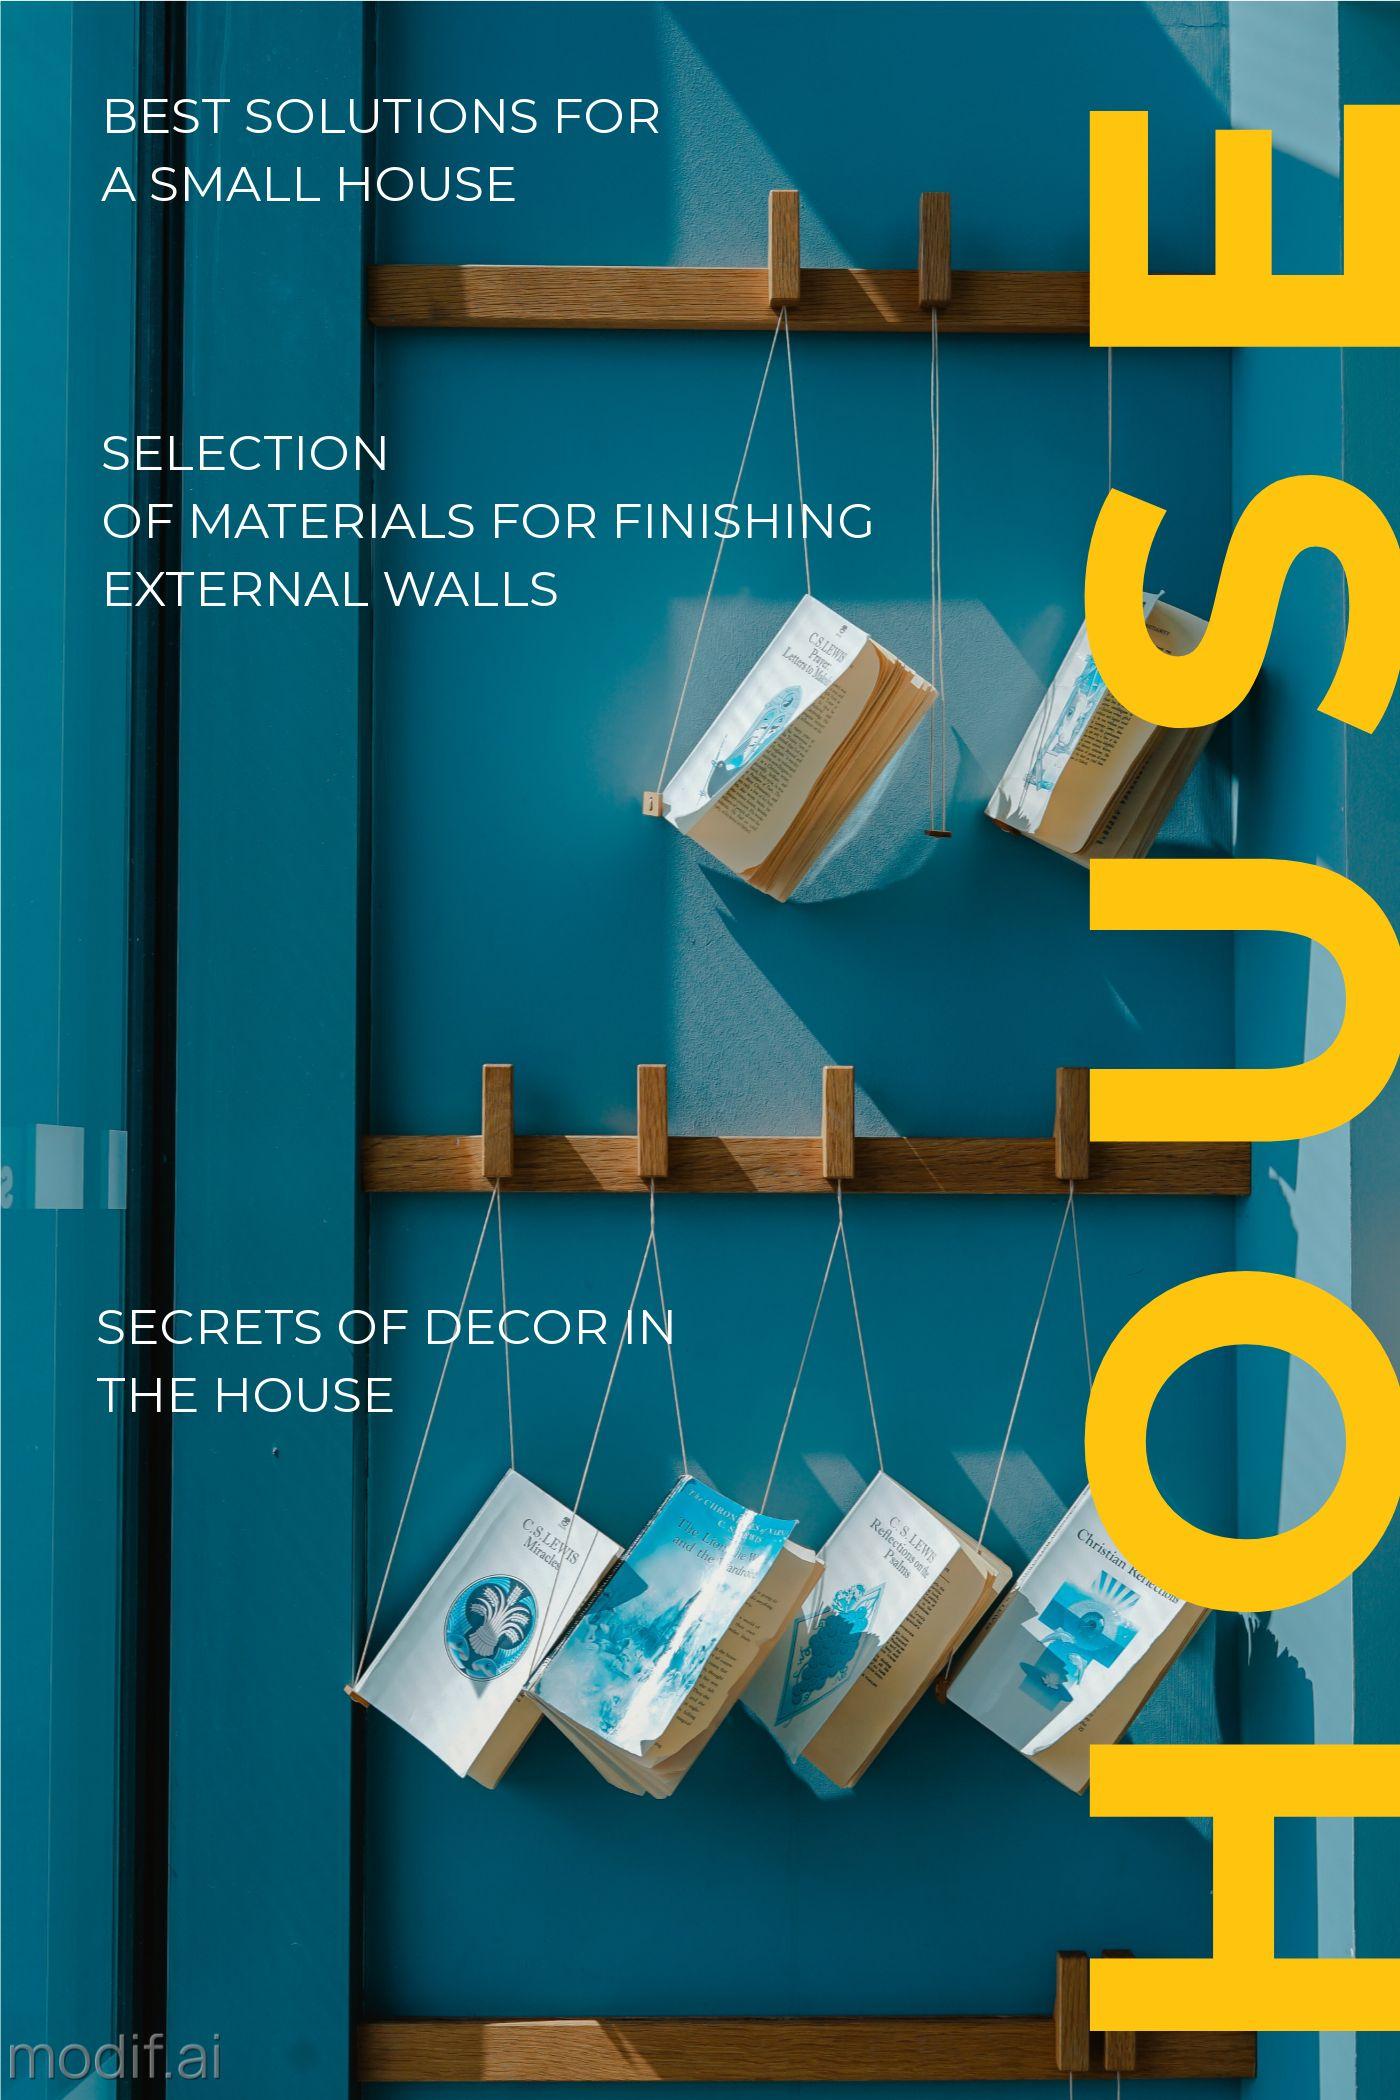 Interior Magazine Cover Template in Blue